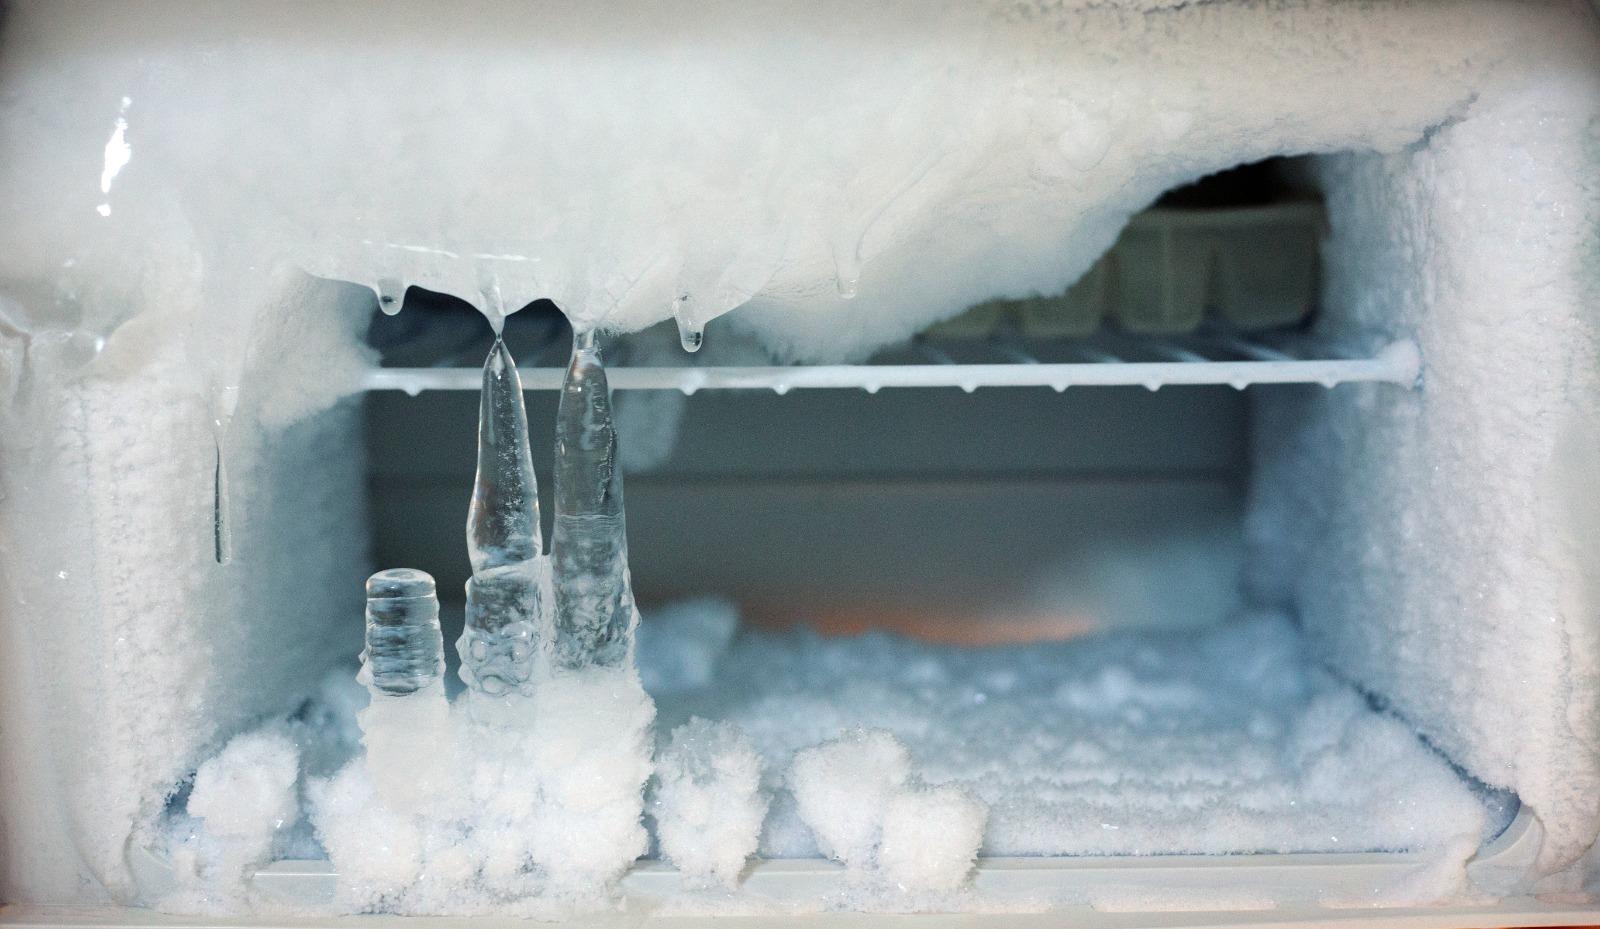 Dondurucunun Buz Tutması Nasıl Engellenir?